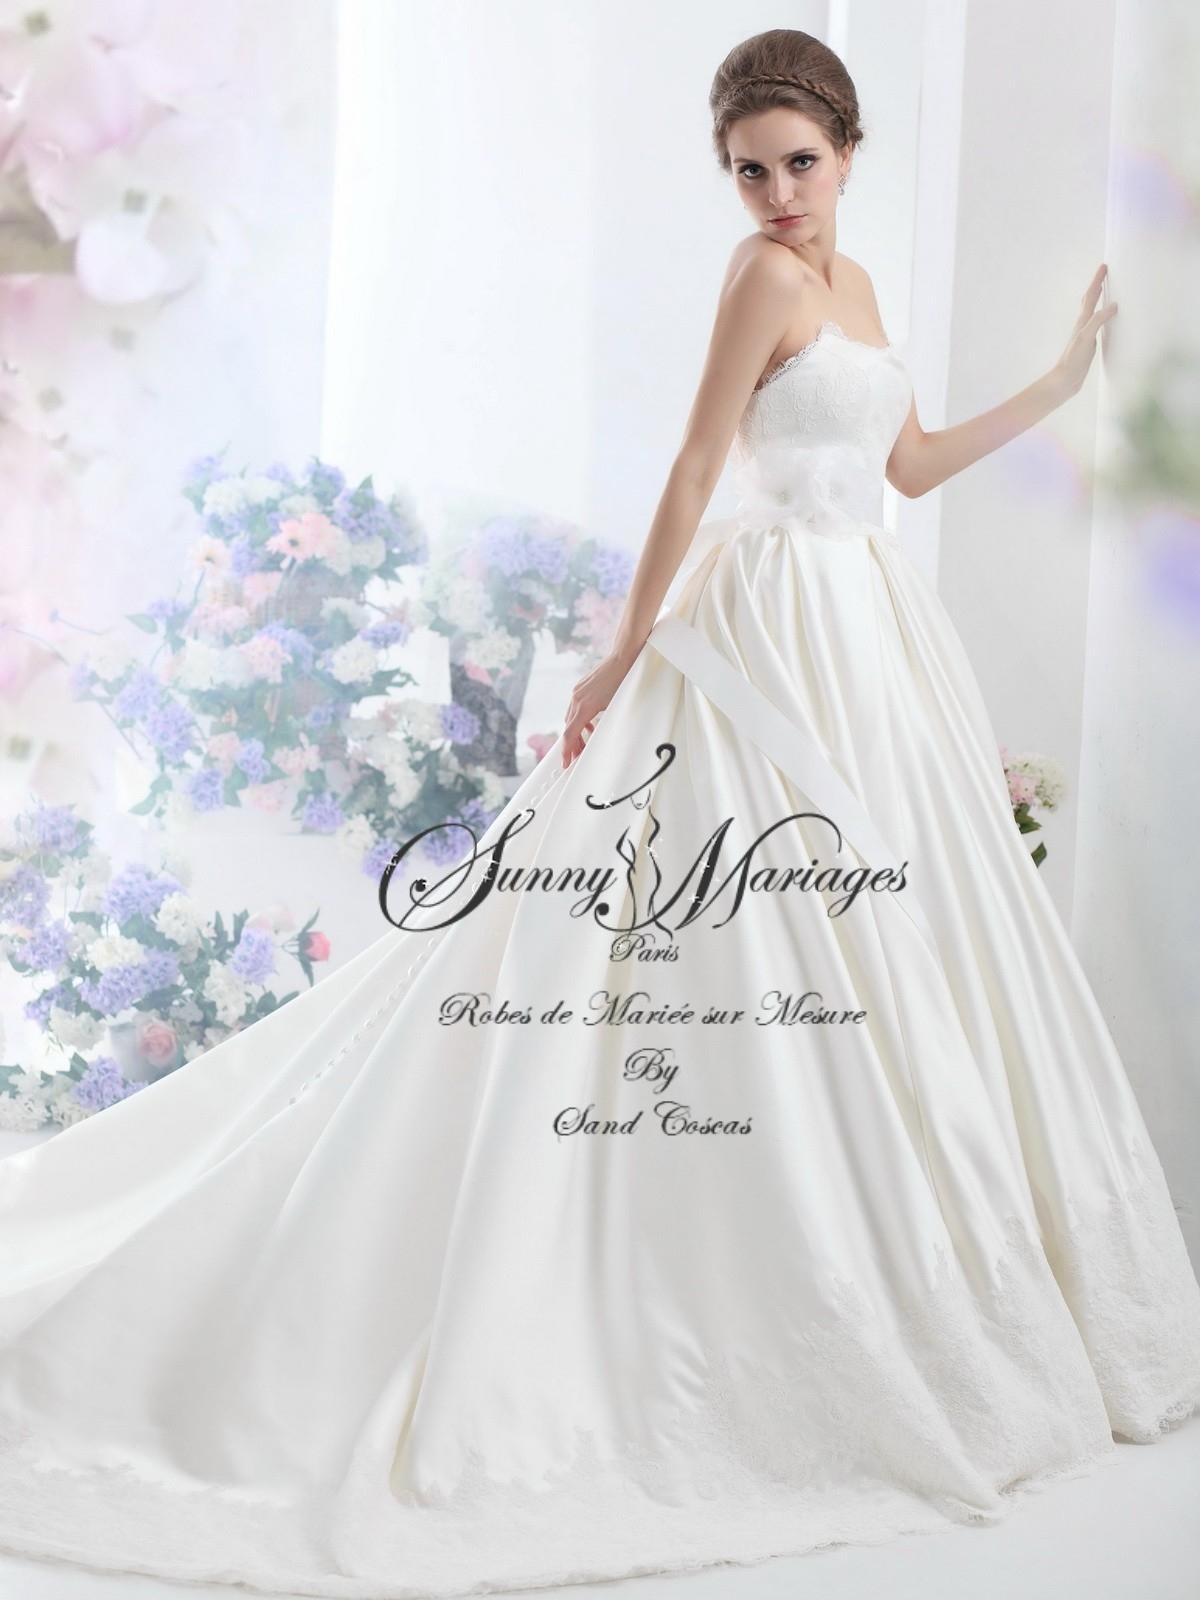 19af9ca9d550a robe de mariée bustier dentelle jupe pîncesse Sunny Mariages Paris sur mesure  pas cher